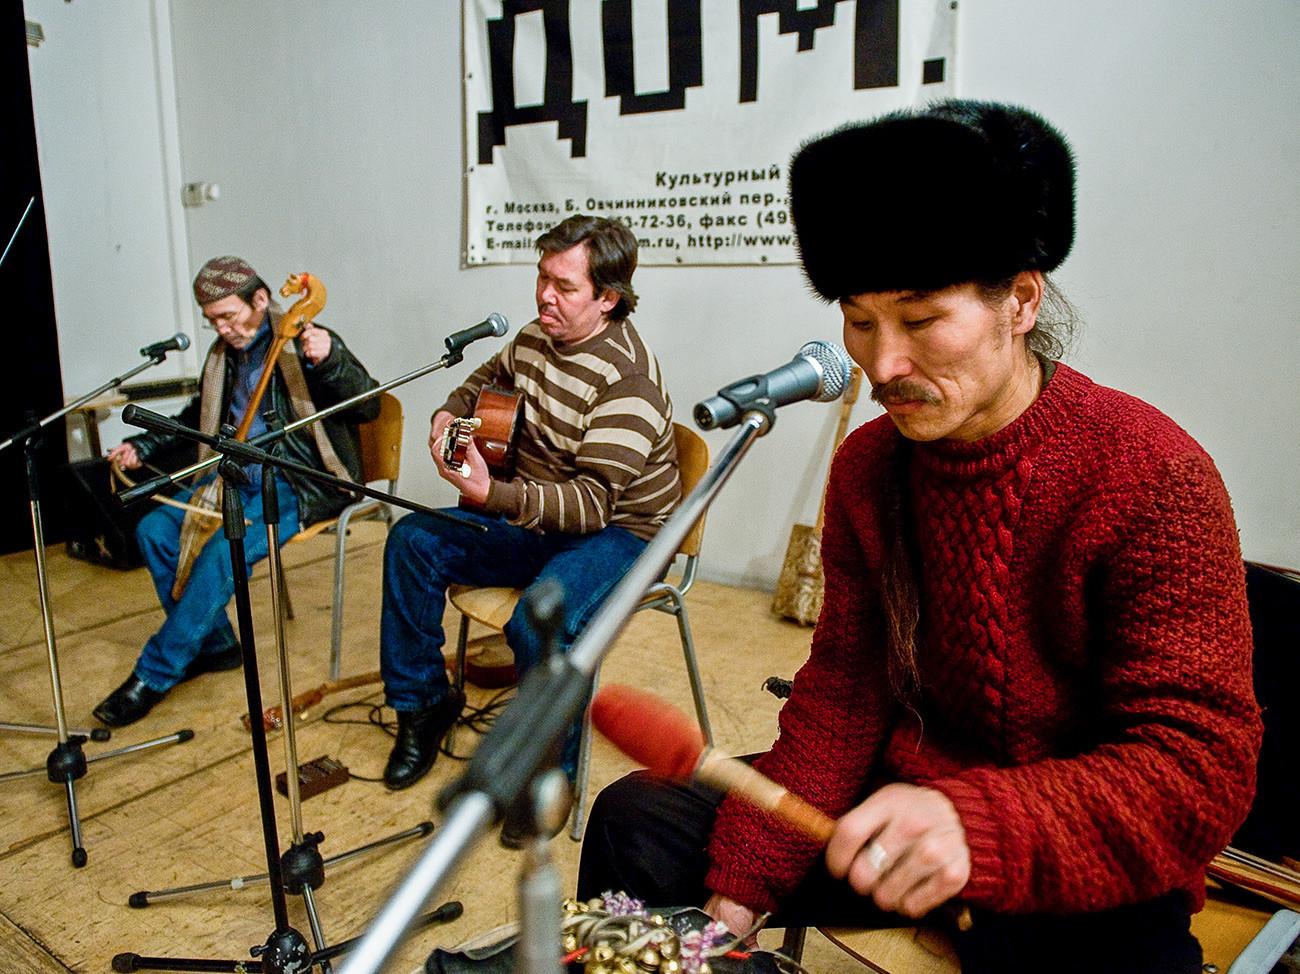 Участники тувинской группы «Хуун-Хуур-Ту» Кайгал-ол Ховалыг, Саян Бапак и Алексей Сарыглар (слева направо) во время репетиции перед концертом в клубе «Дом»